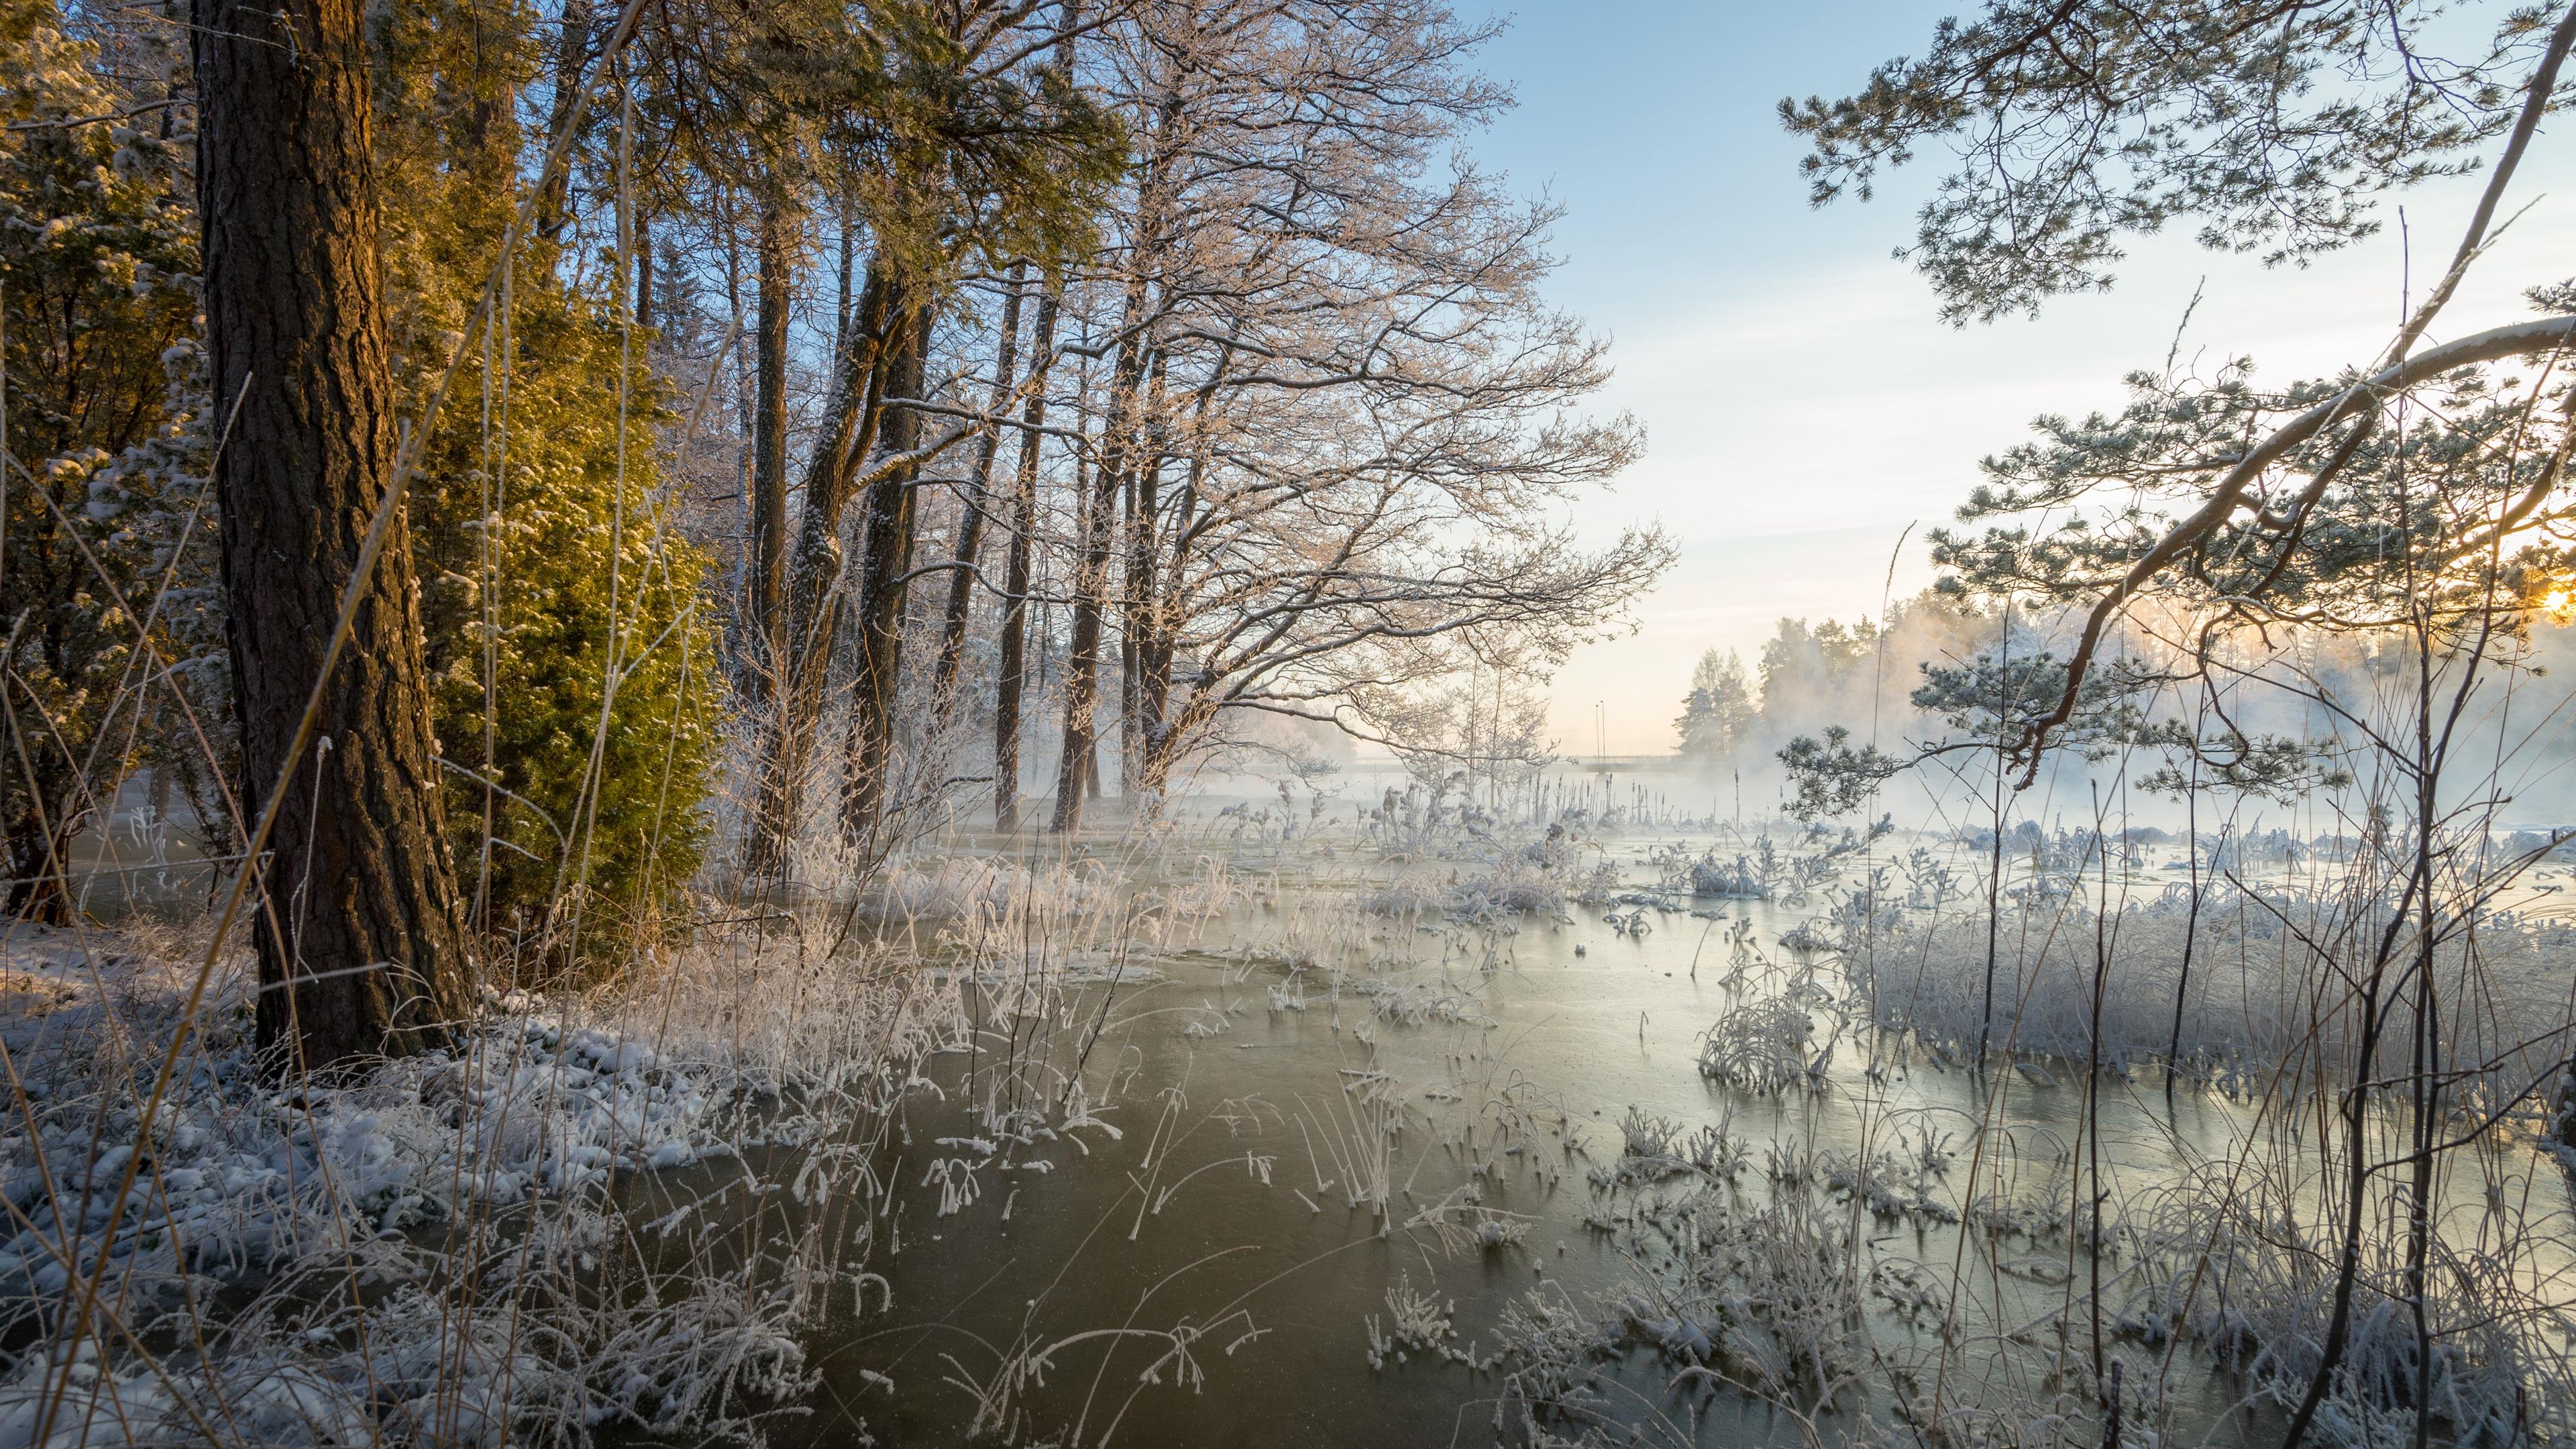 снег лес ручей деревья без регистрации